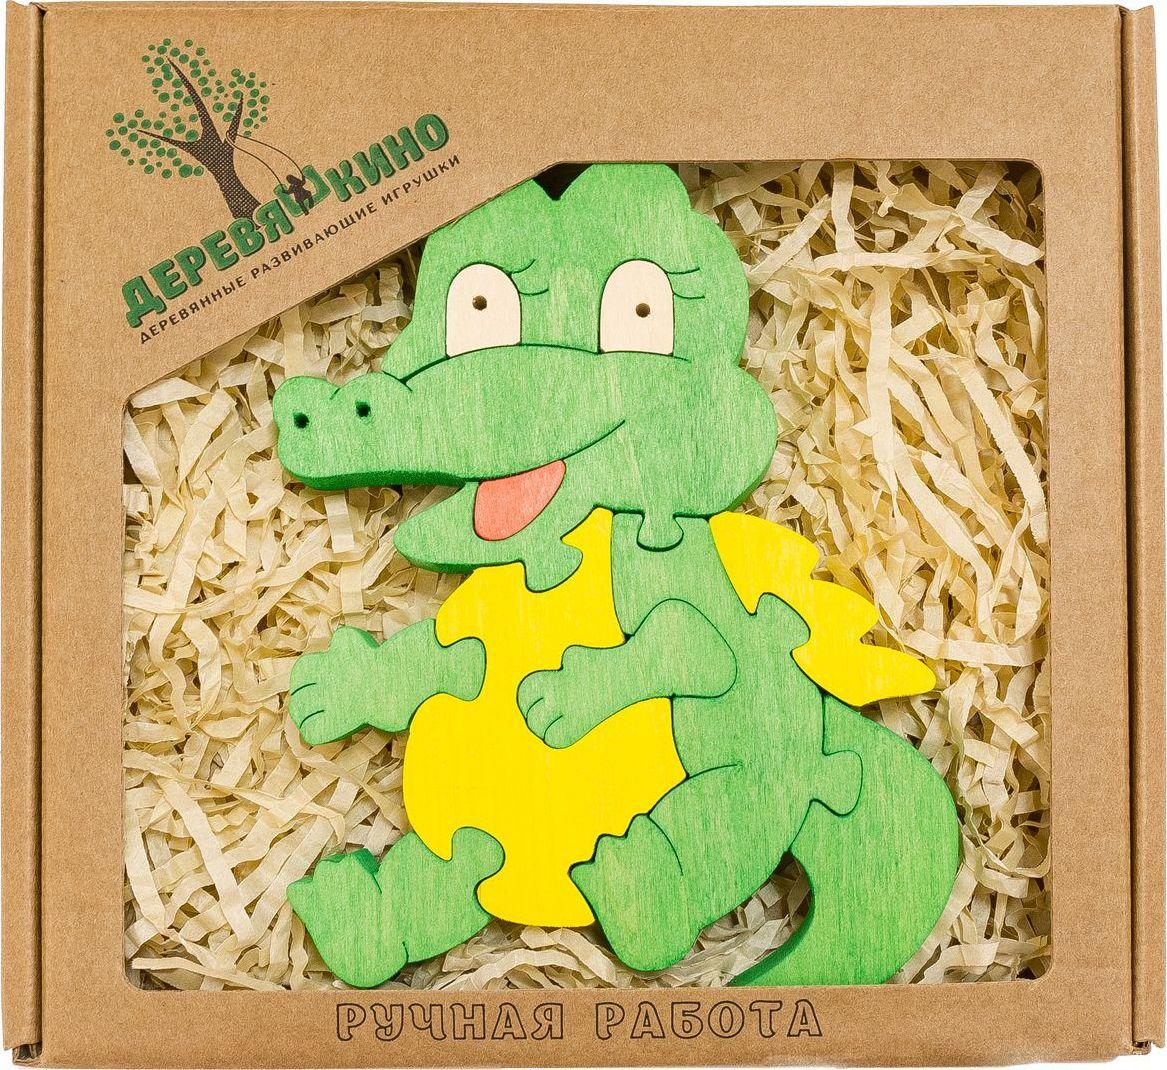 Деревяшкино Пазл для малышей Крокодильчик деревяшкино пазл для малышей бронтозавр 2